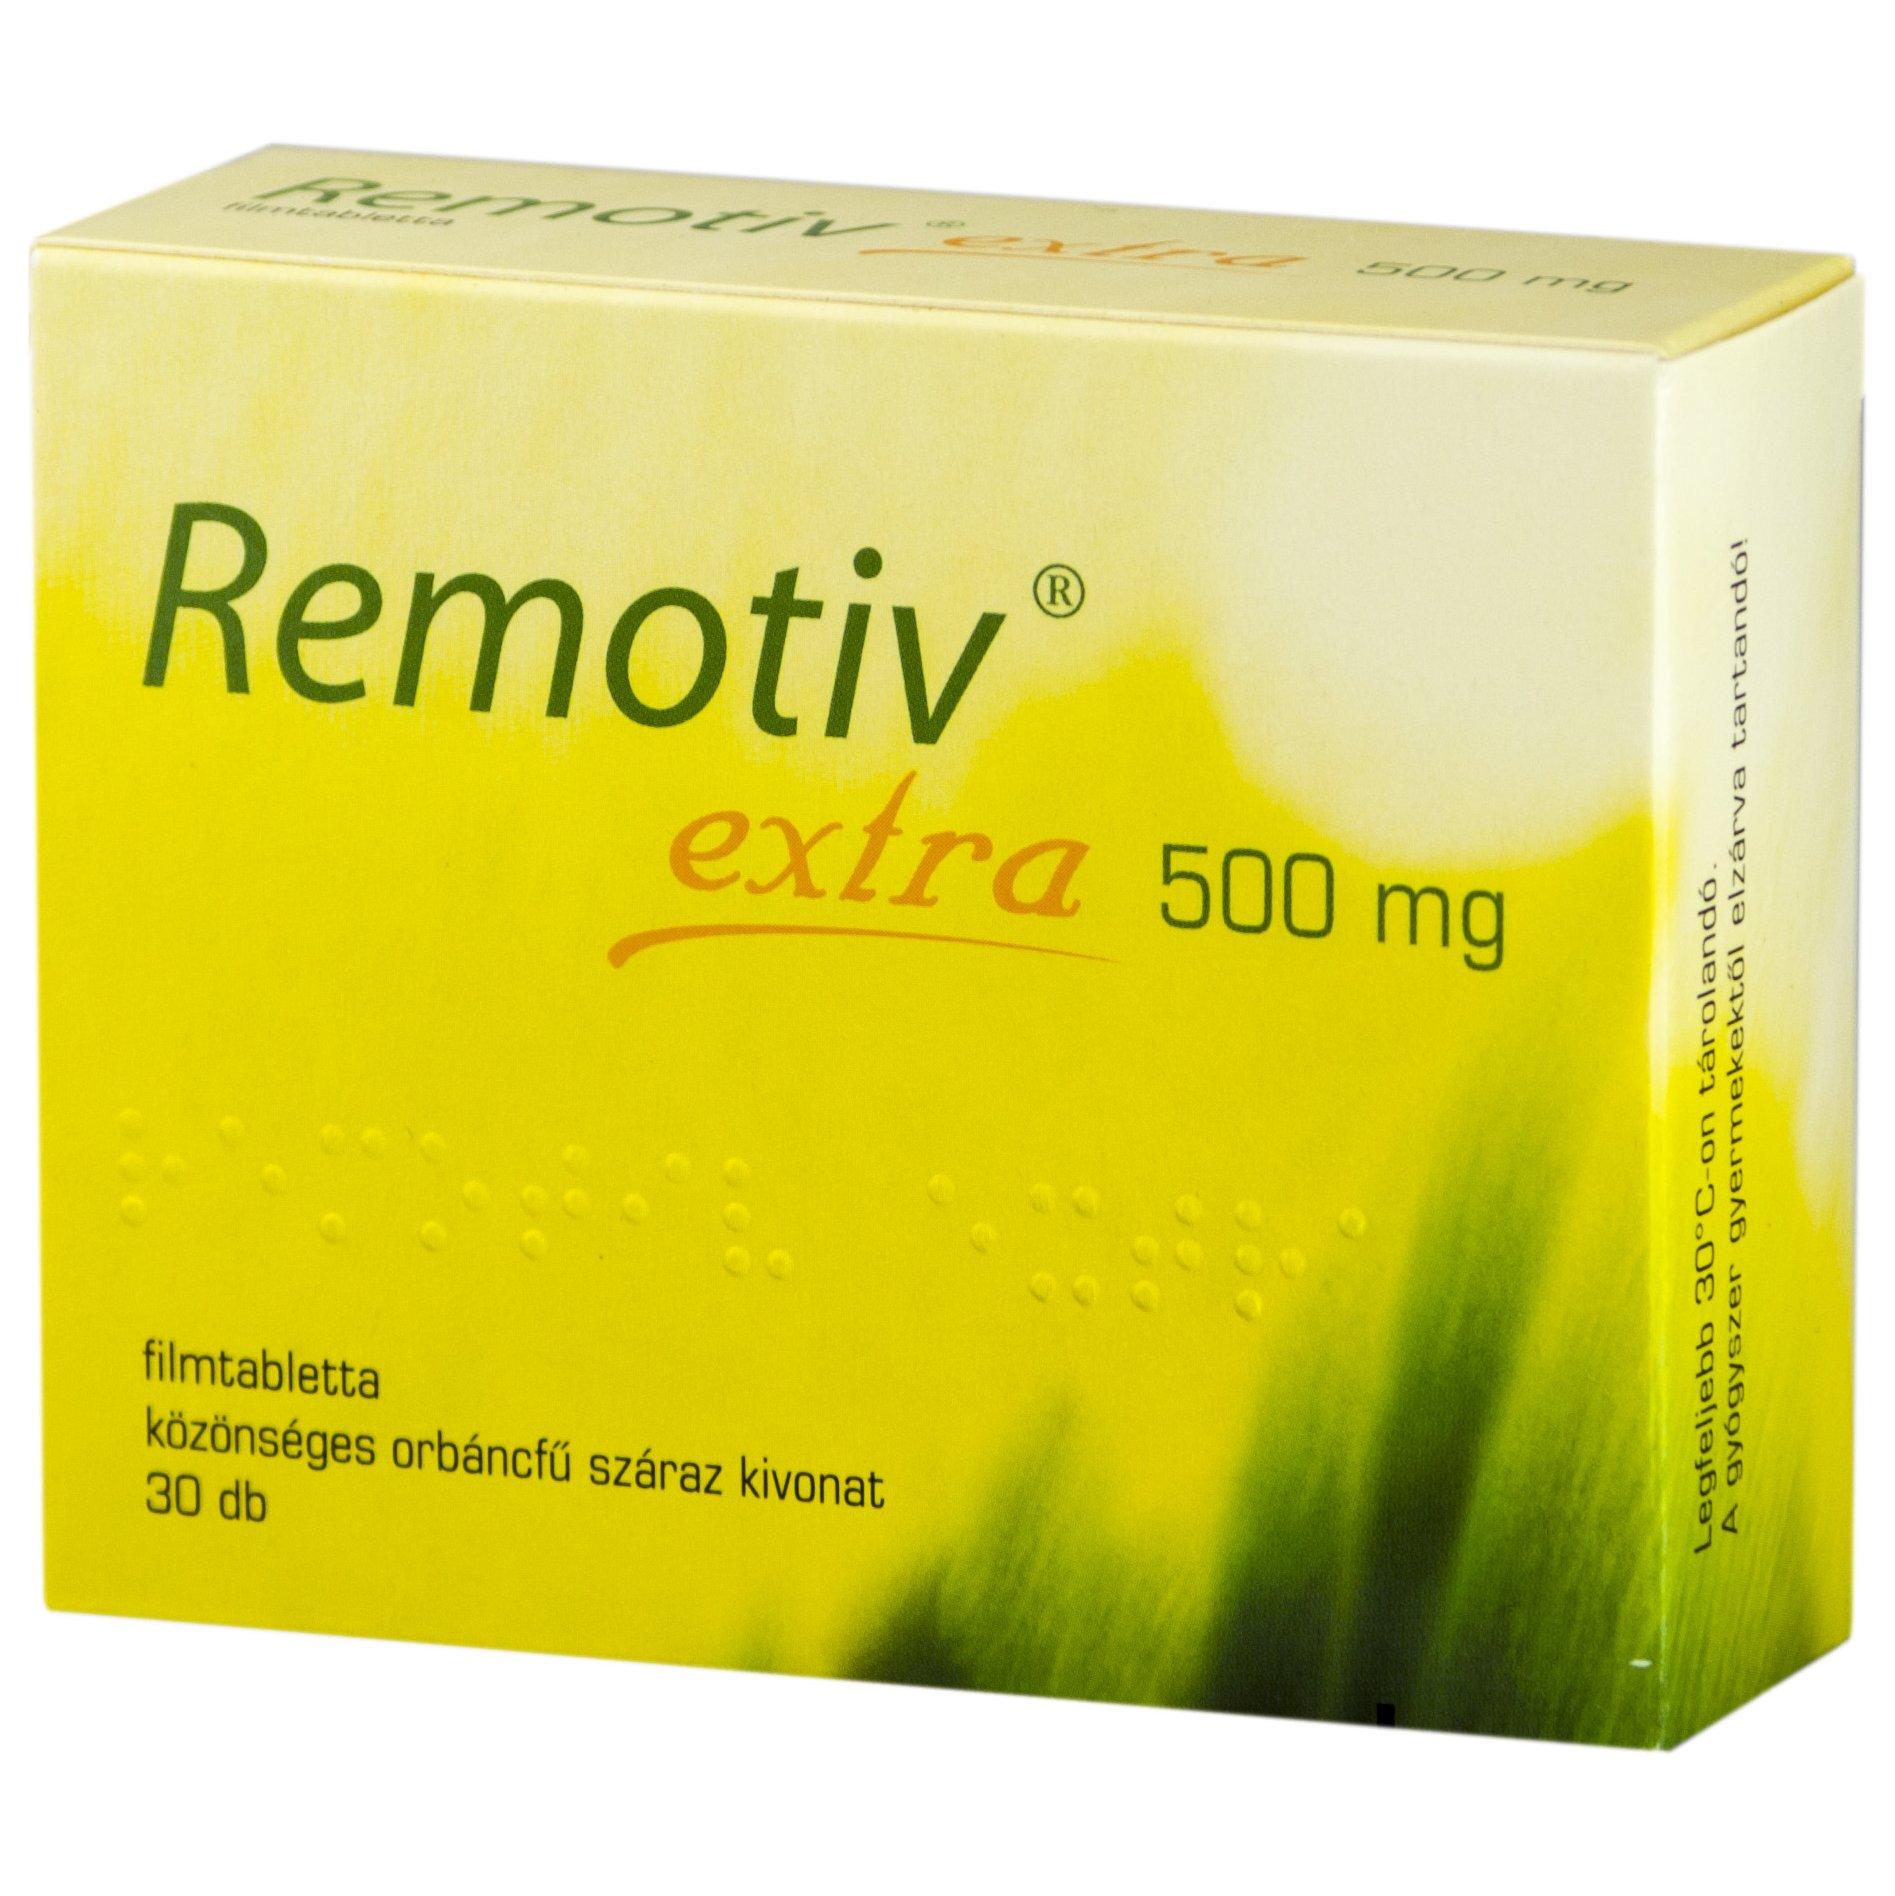 parazitaellenes gyógyszer Olaszország